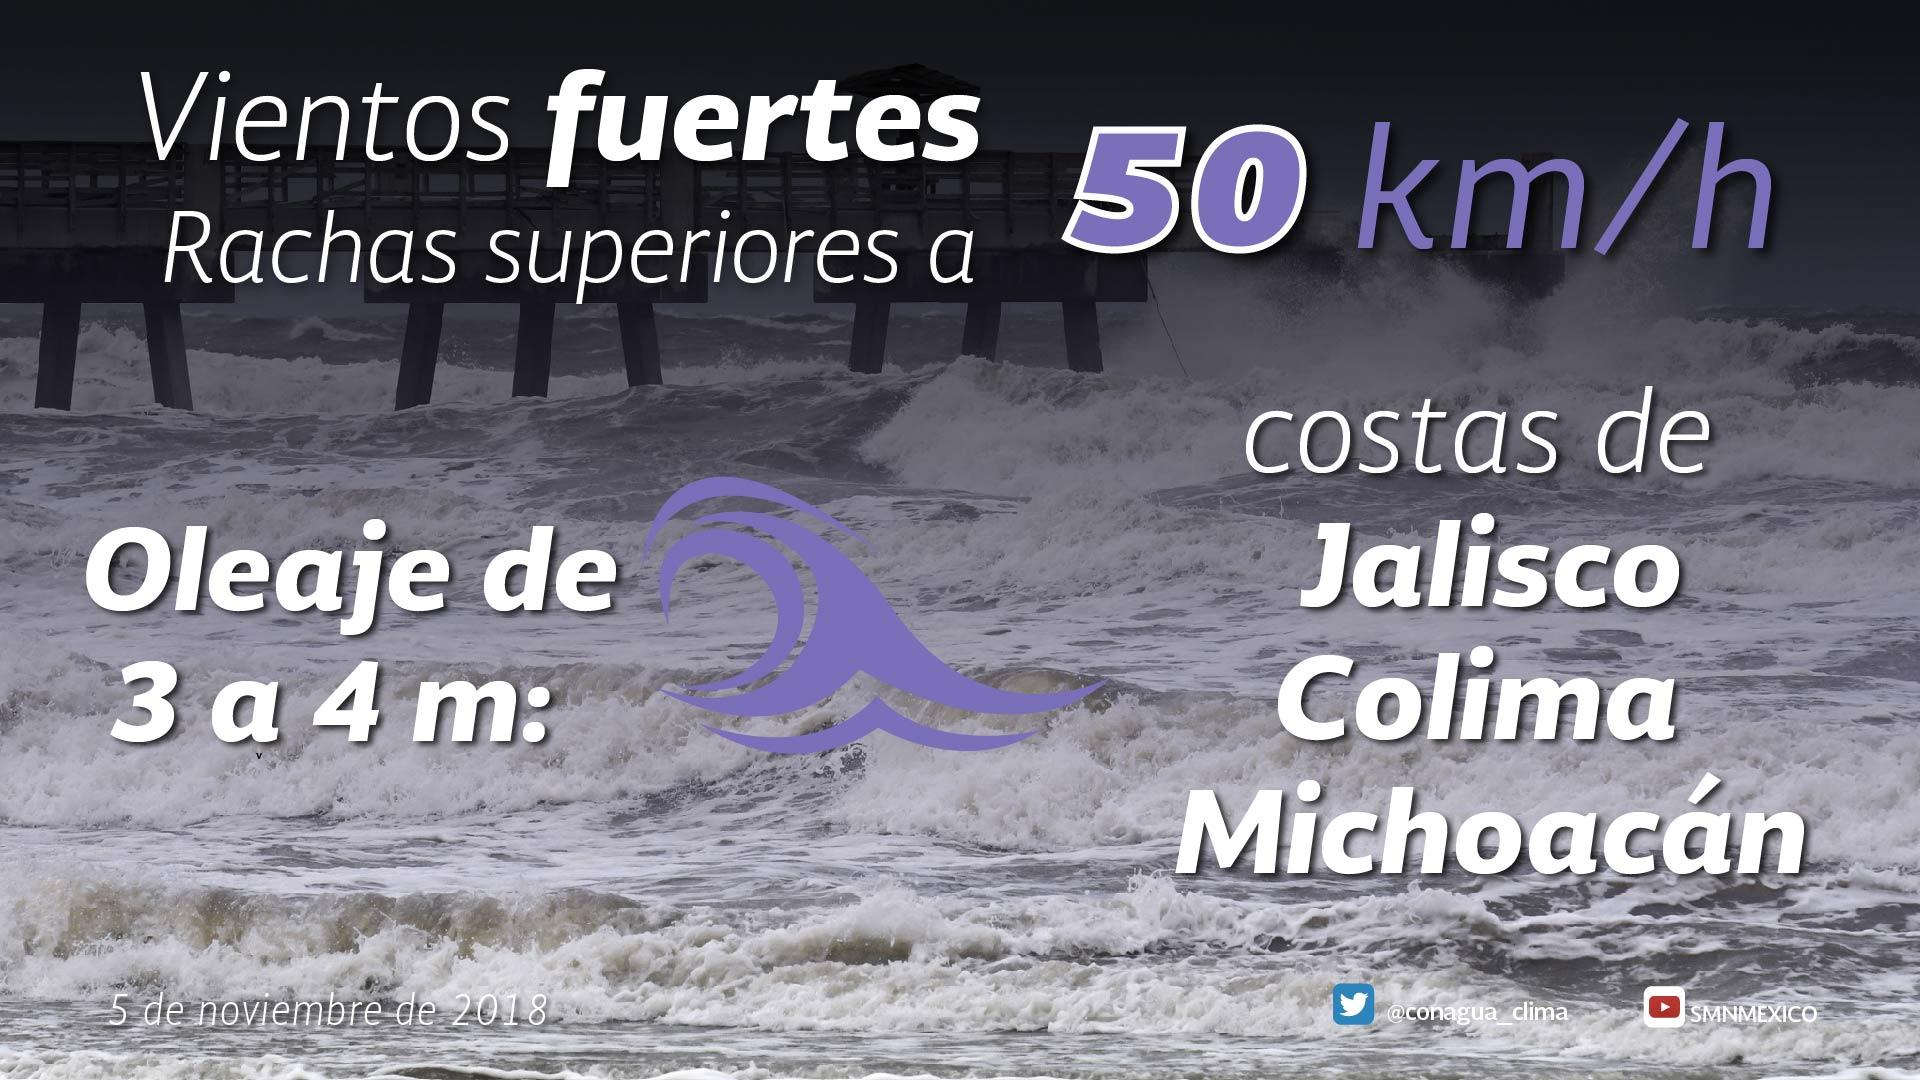 Xavier generará vientos de 50 km/h en las costas de Jalisco, Colima y Michoacán